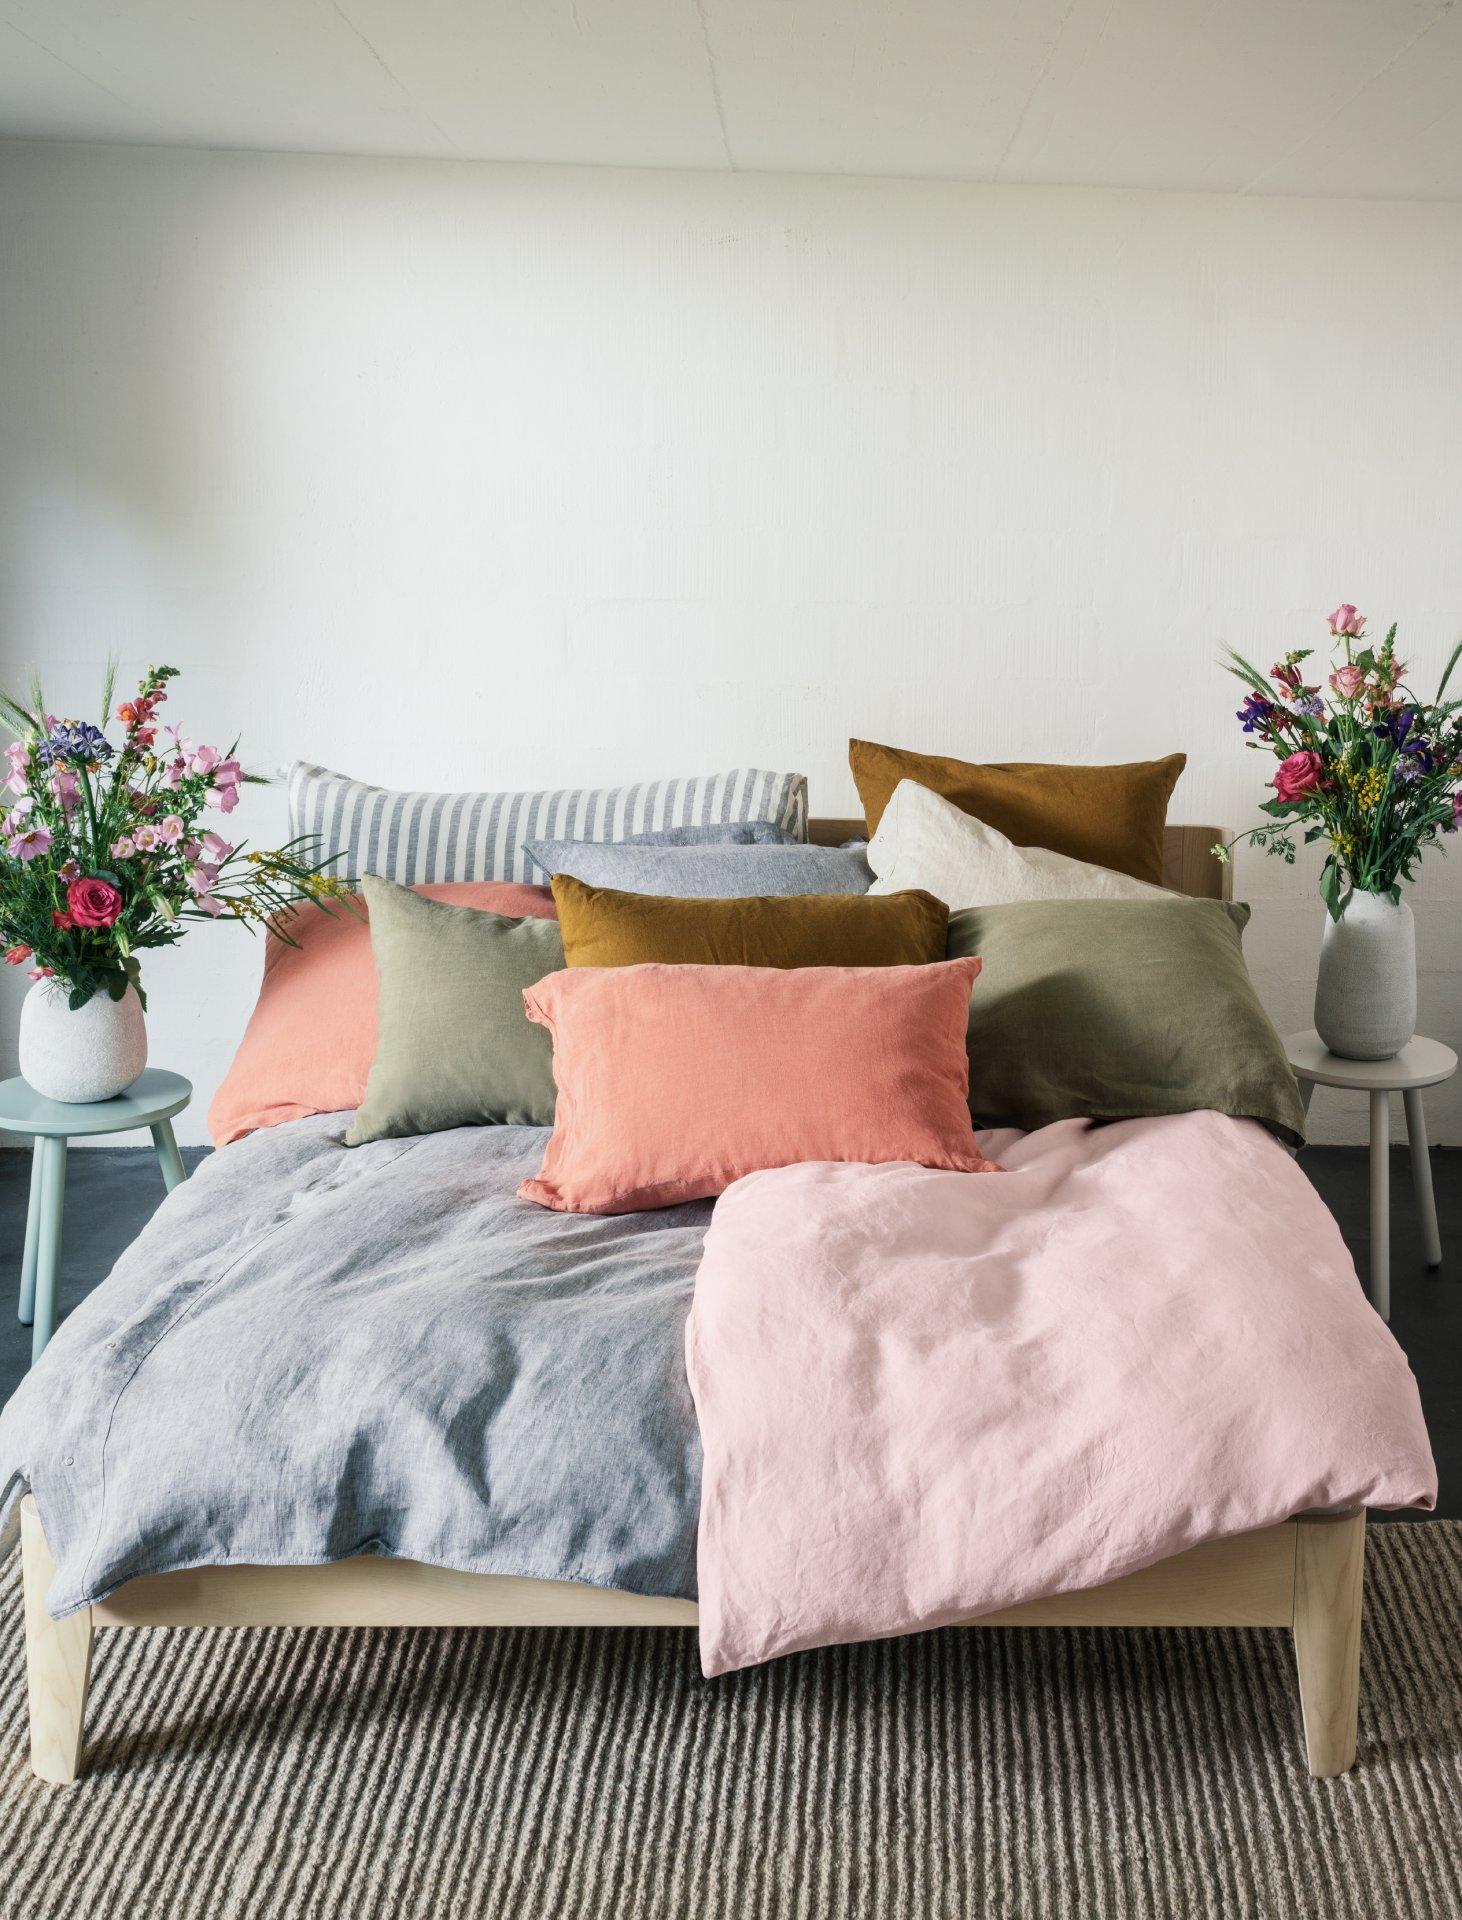 Leinenwäsche fürs Bett